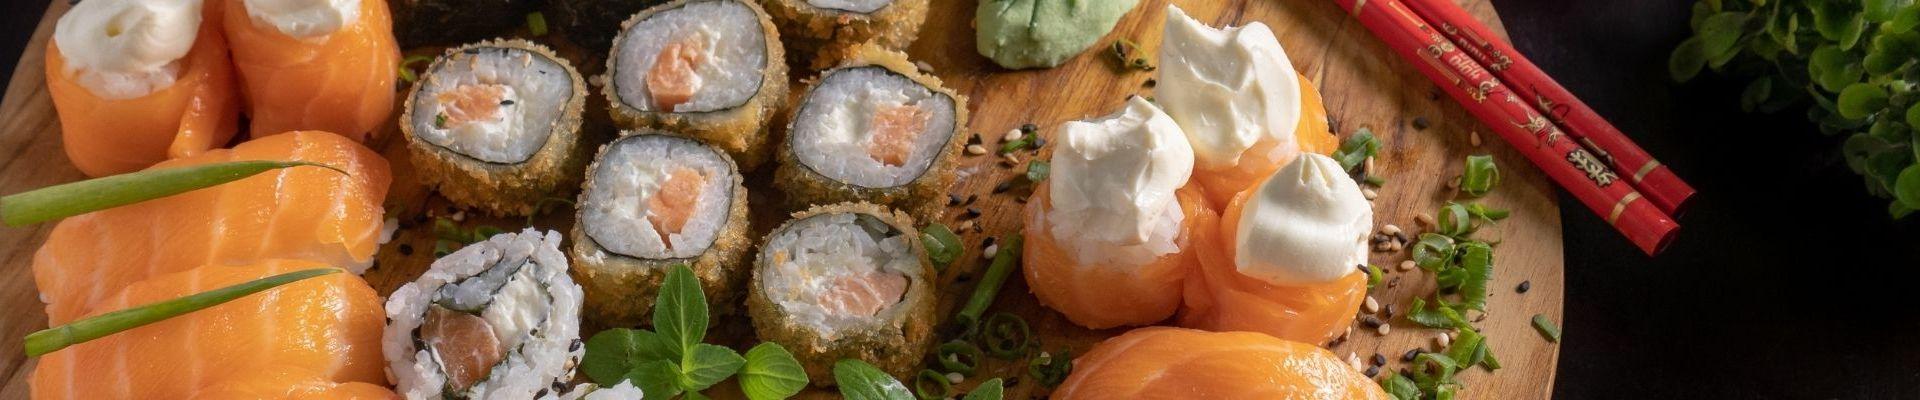 Descoperă restaurantele de sushi din Iași cu livrare în doi timpi și trei mișcări.